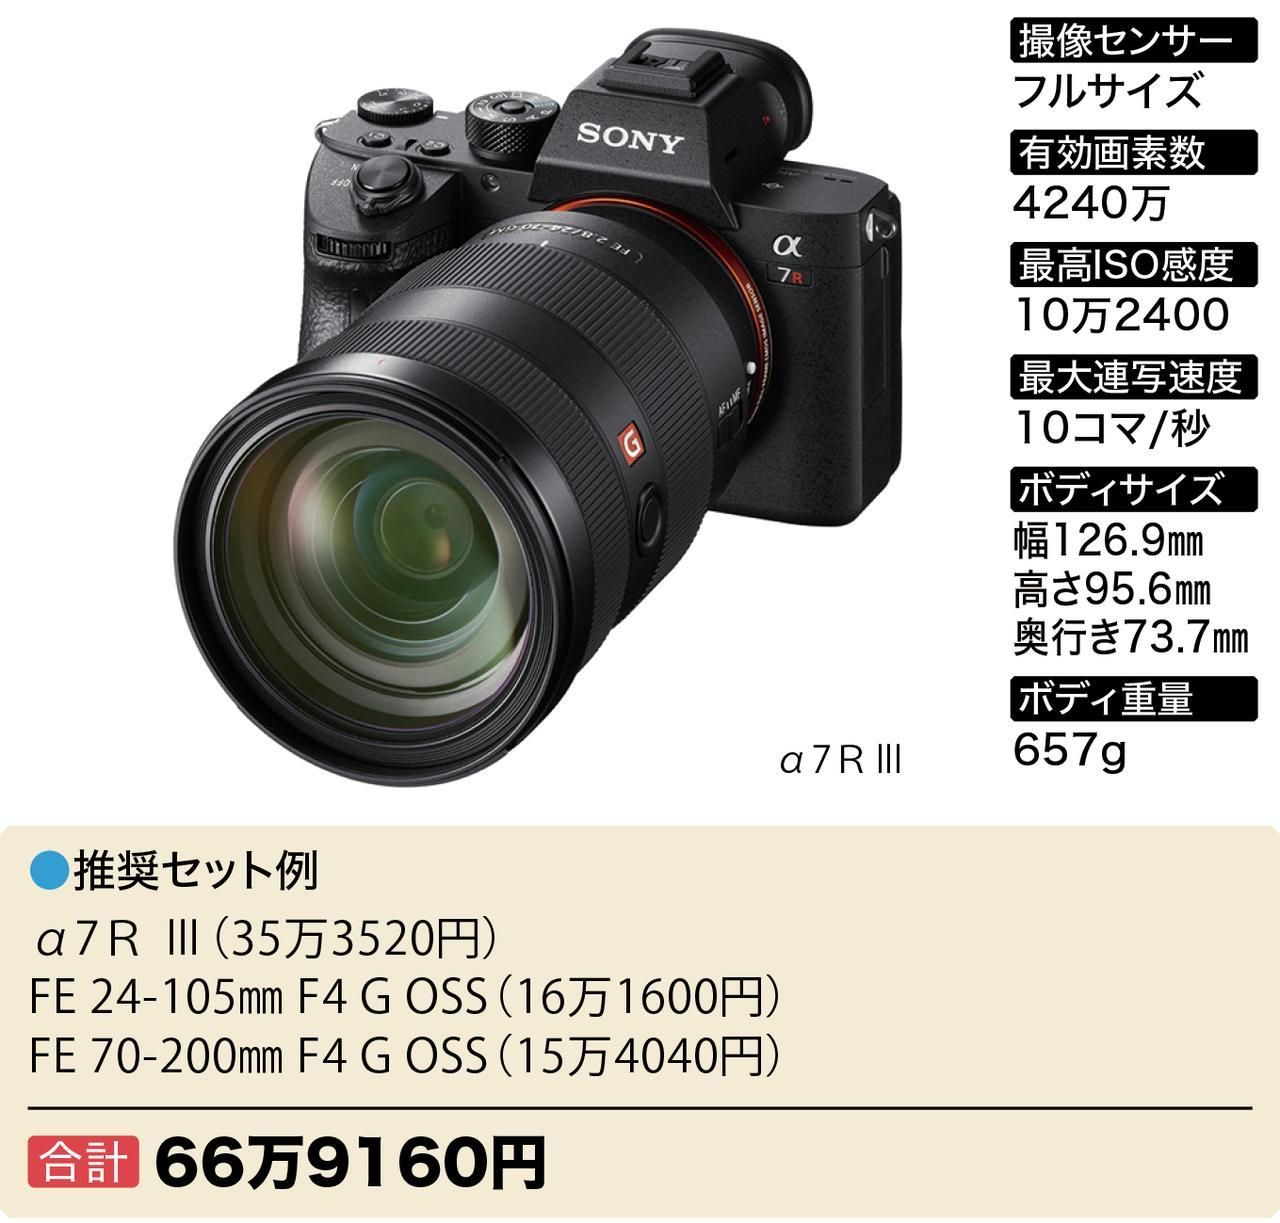 画像4: Wズーム&ボディセットで40万円~おすすめフルサイズミラーレス6選